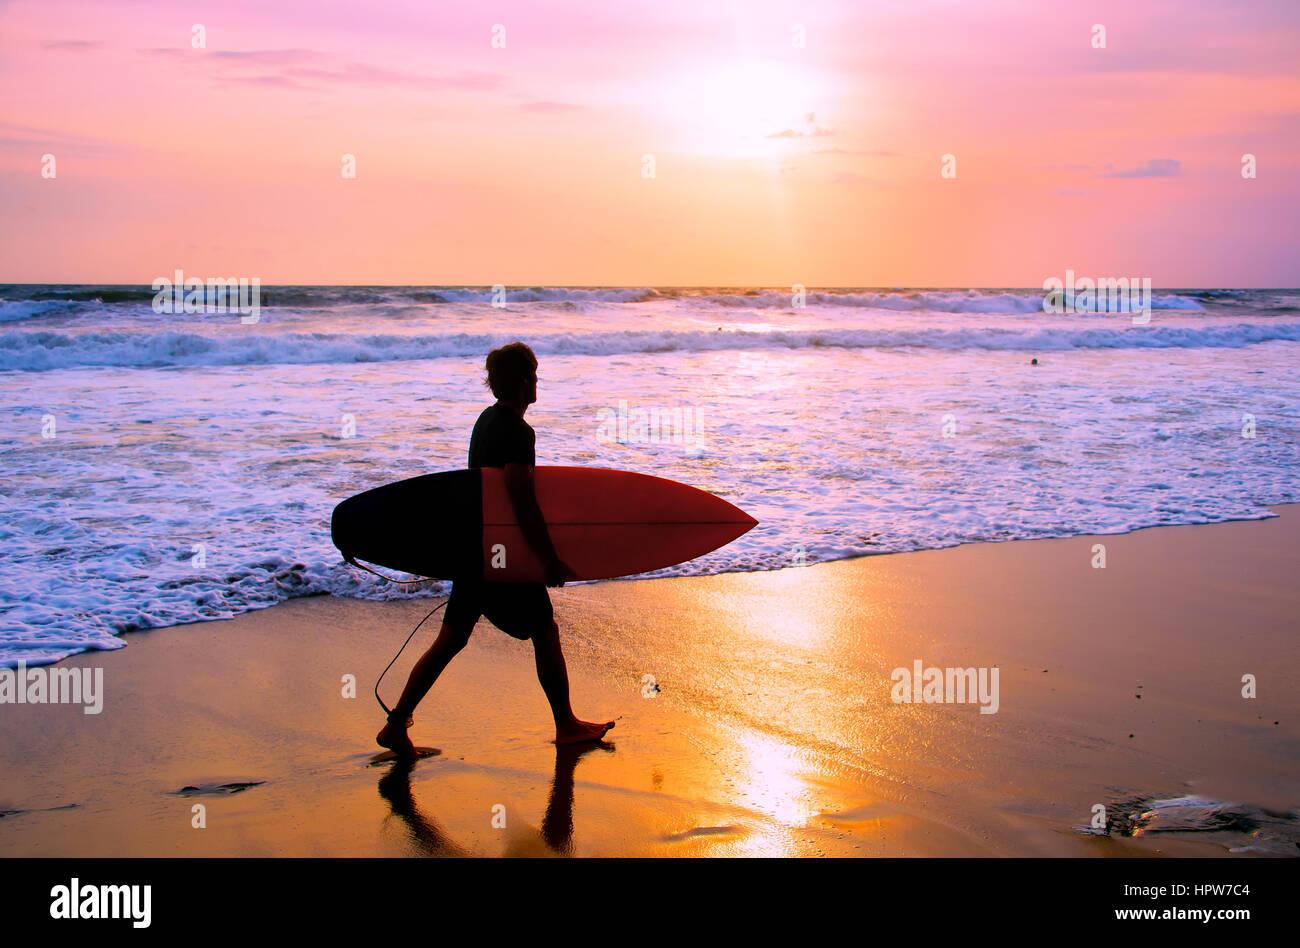 Surfer con surfboard caminando por la playa al atardecer. La isla de Bali, IndonesiaFoto de stock